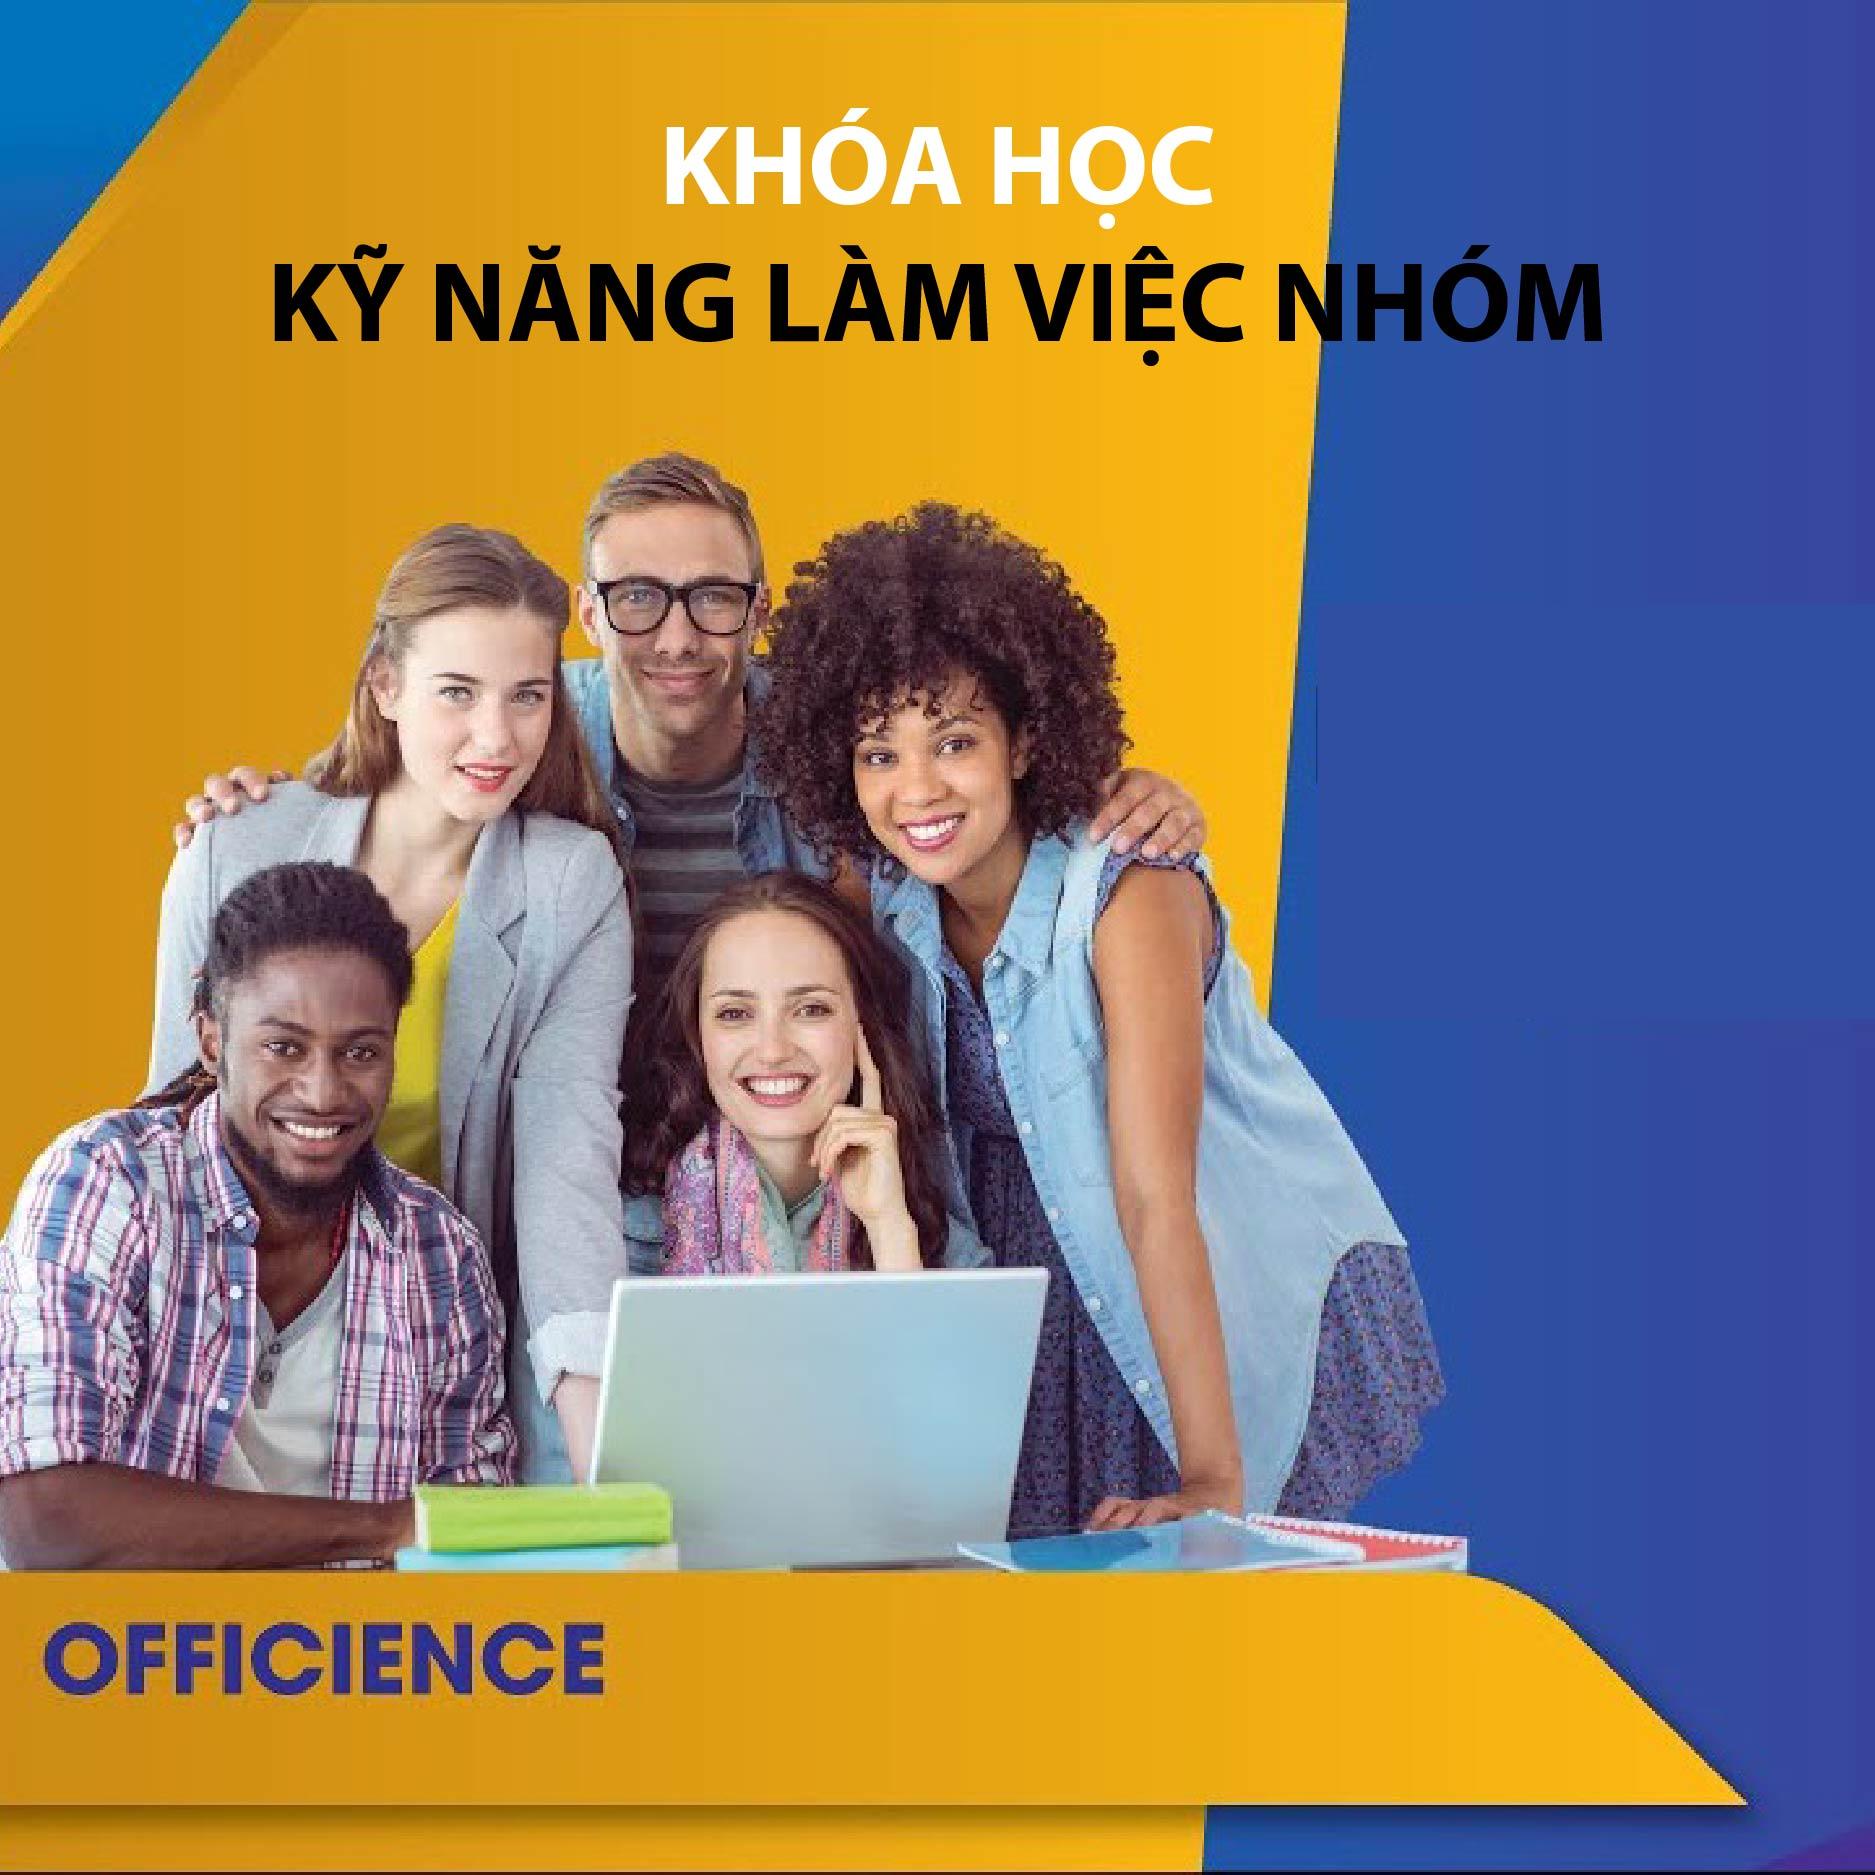 Share khóa học Kỹ Năng Làm Việc Nhóm Hiệu Quả - Officience (VietGrow)